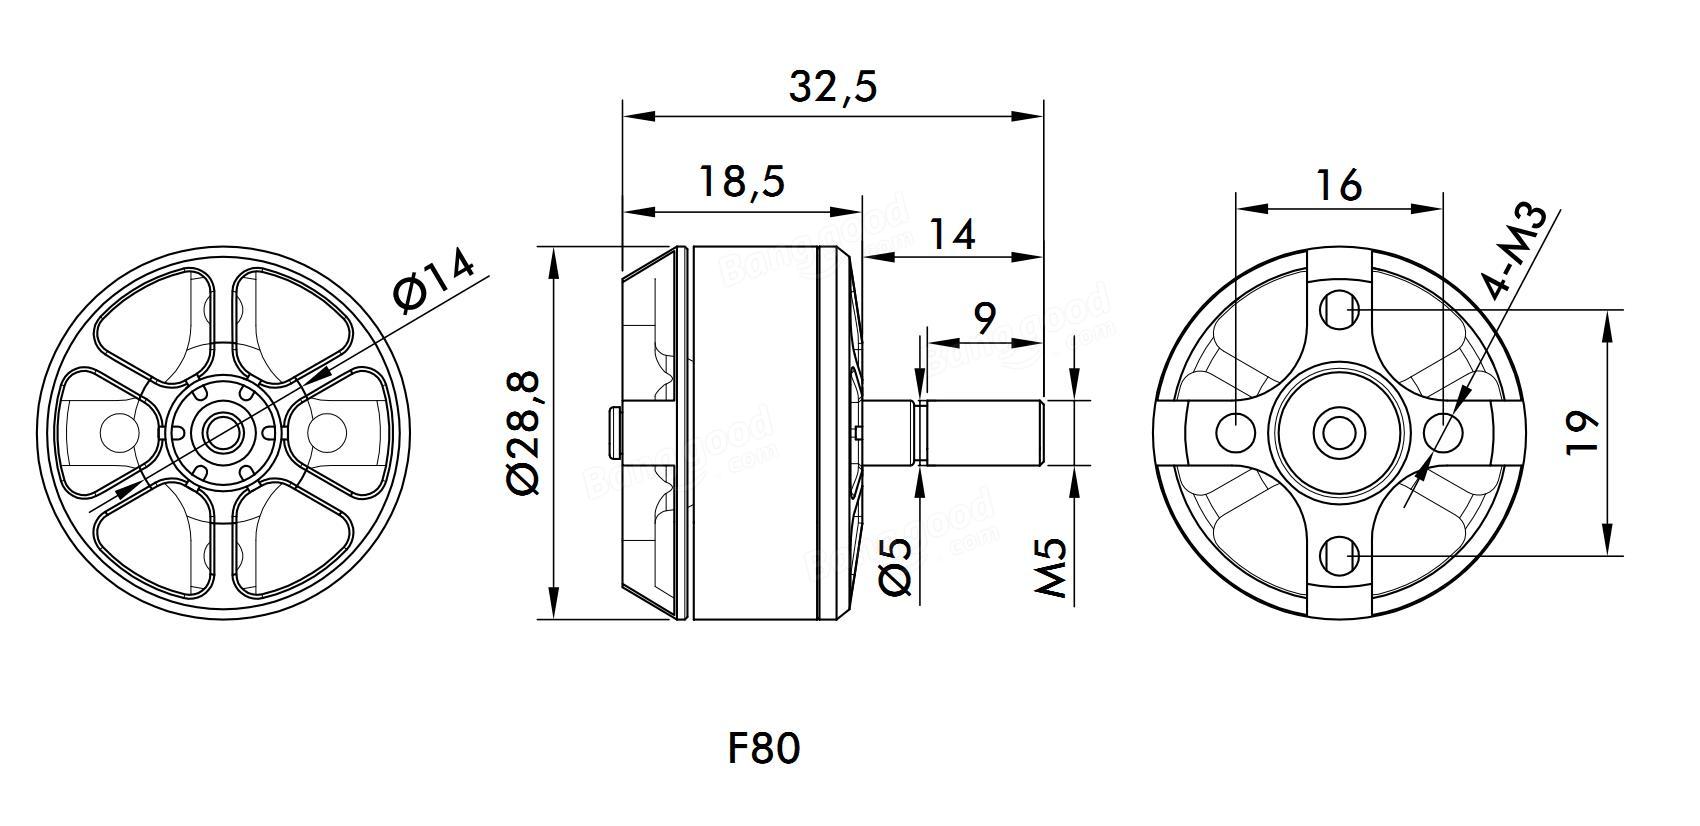 T Motor F80 Kv Kv Kv Brushless Motor 2 6s